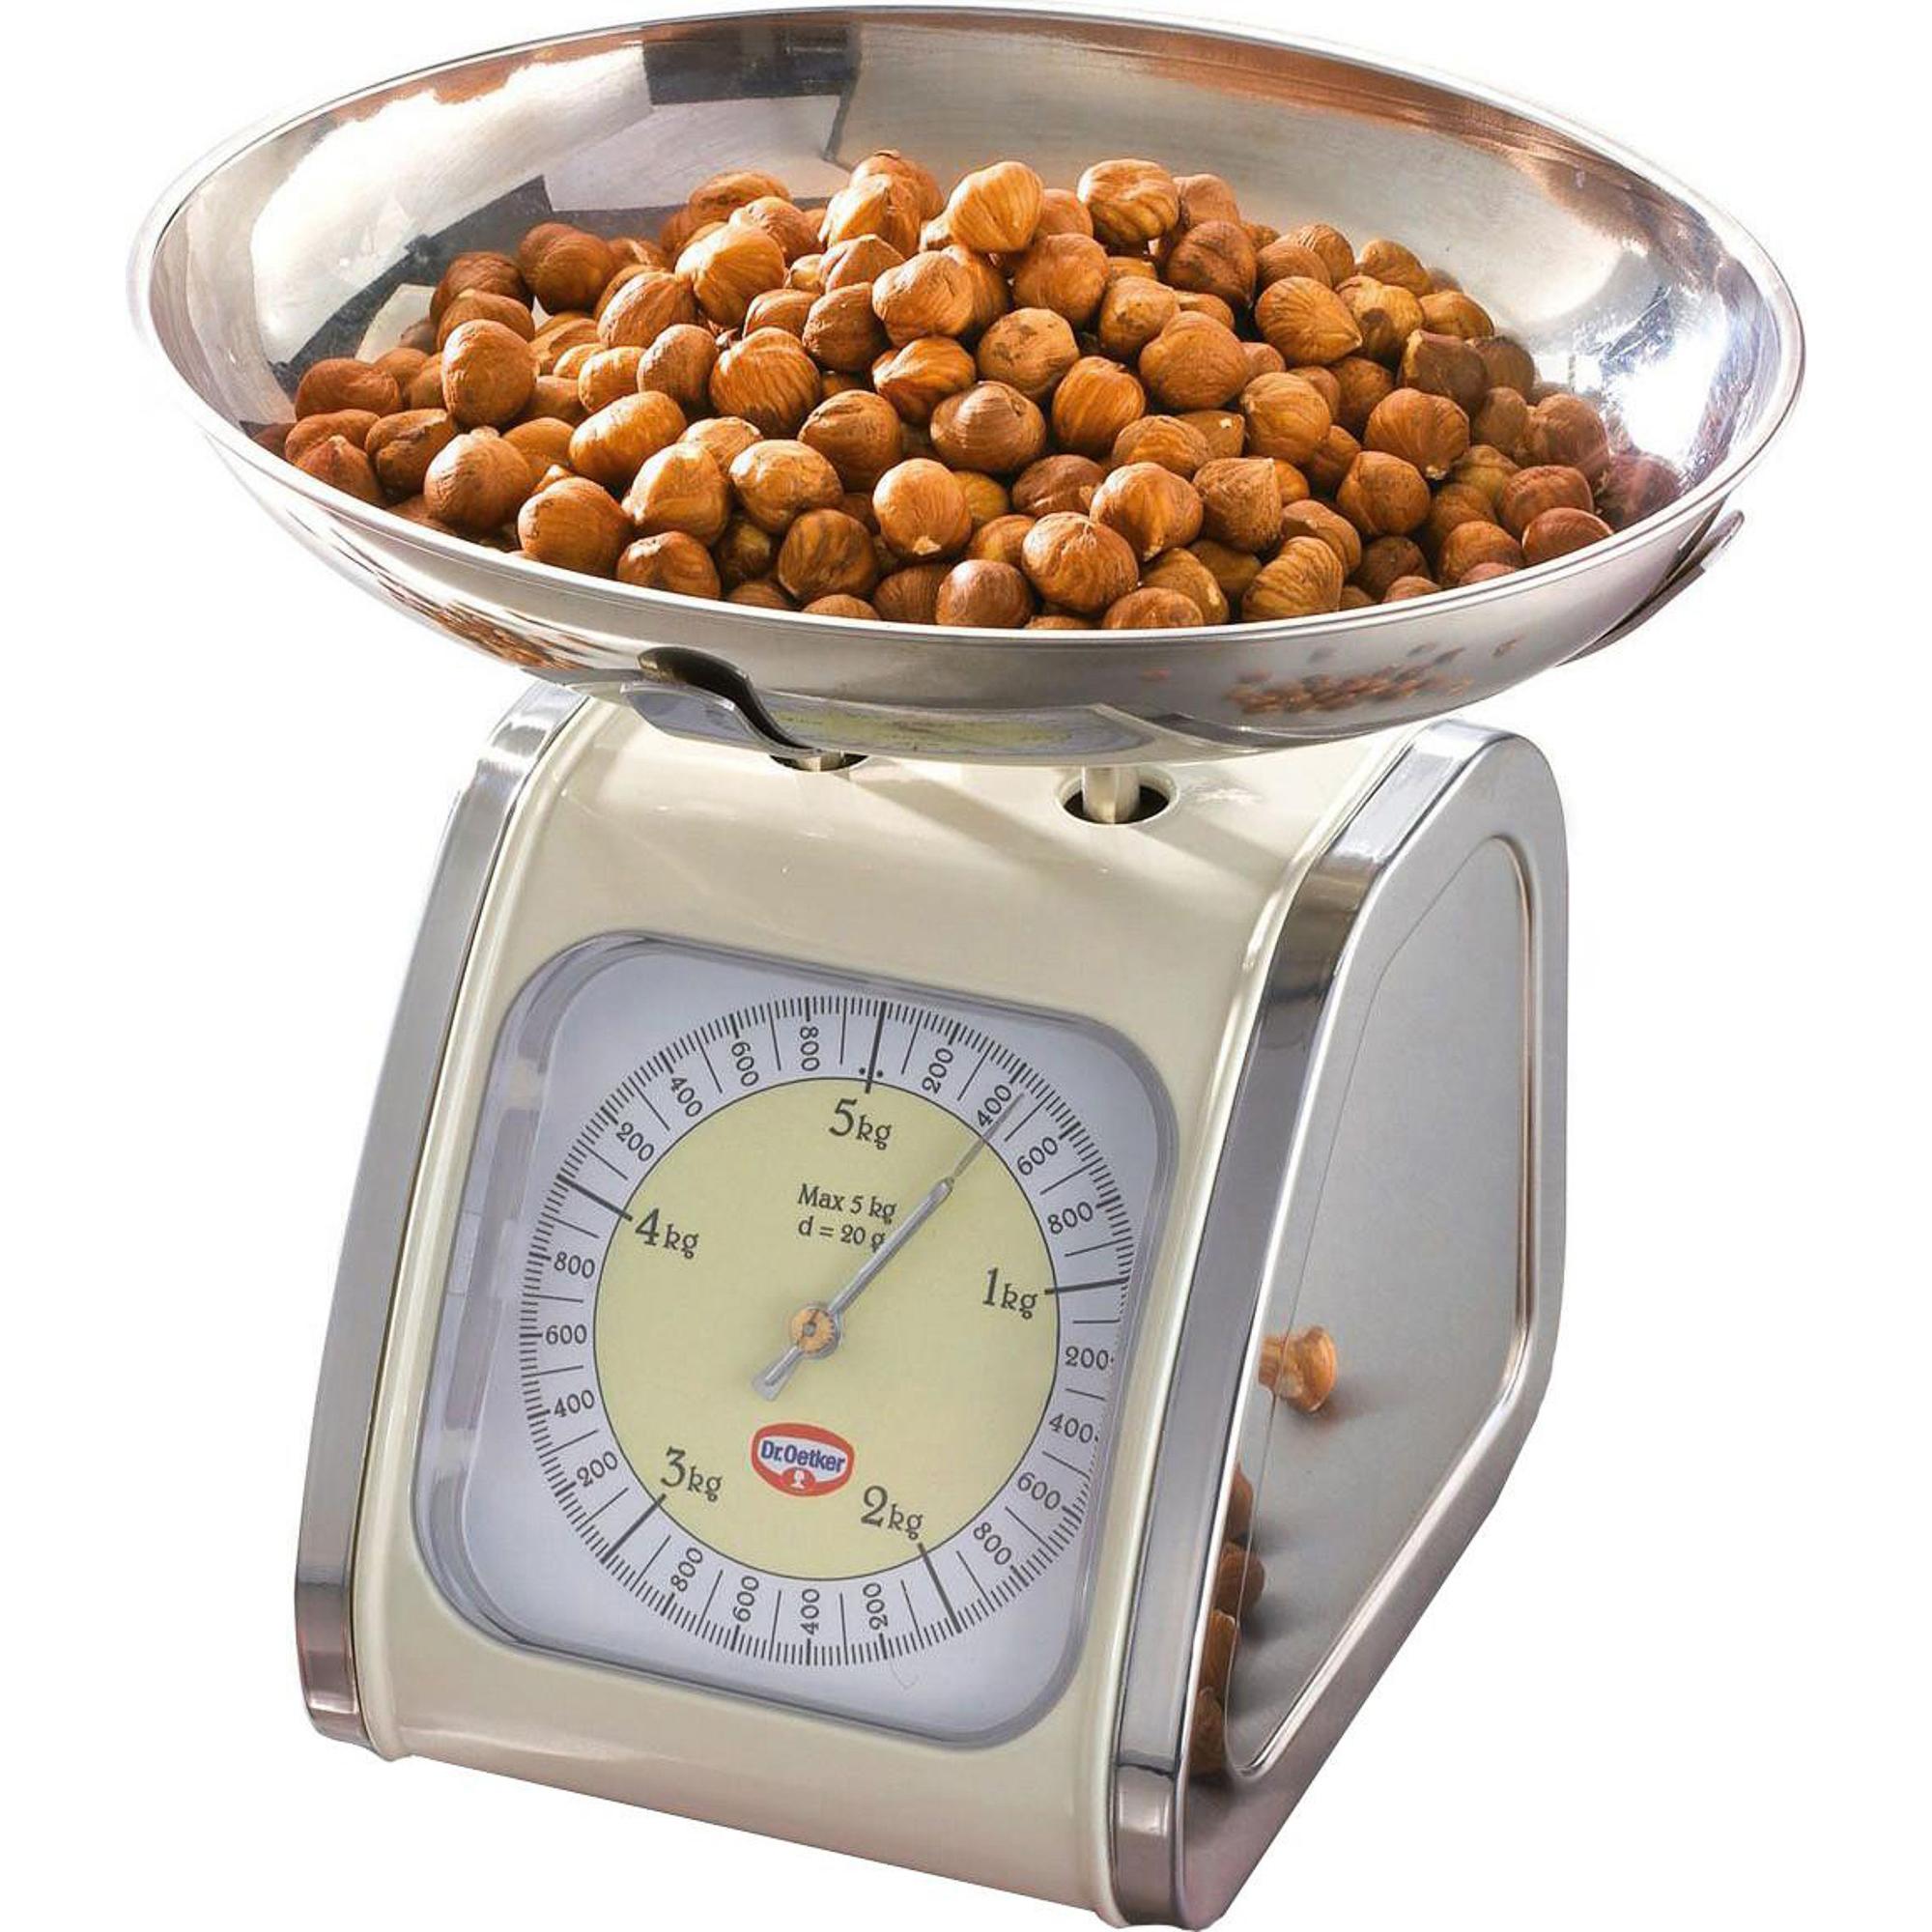 Весы кухонные Dr.Oetker Ностальгия 2145 весы кухонные 5 кг федерация весы кухонные 5 кг